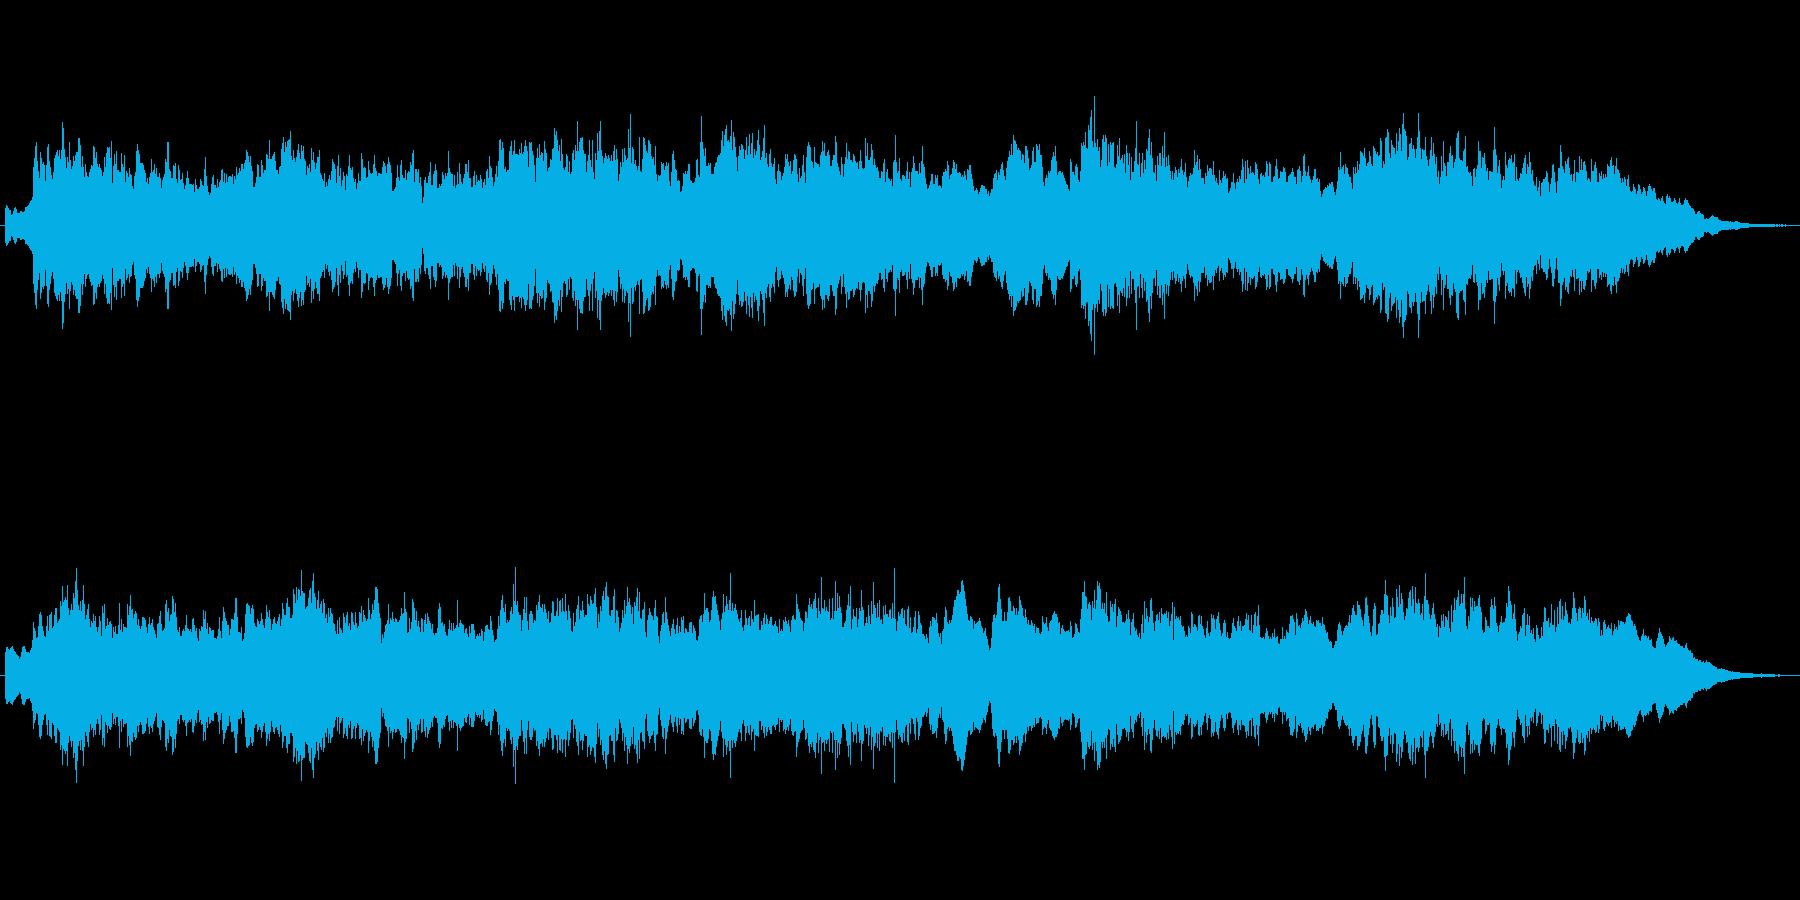 キラキラシンセのメルヘンの世界のジングルの再生済みの波形